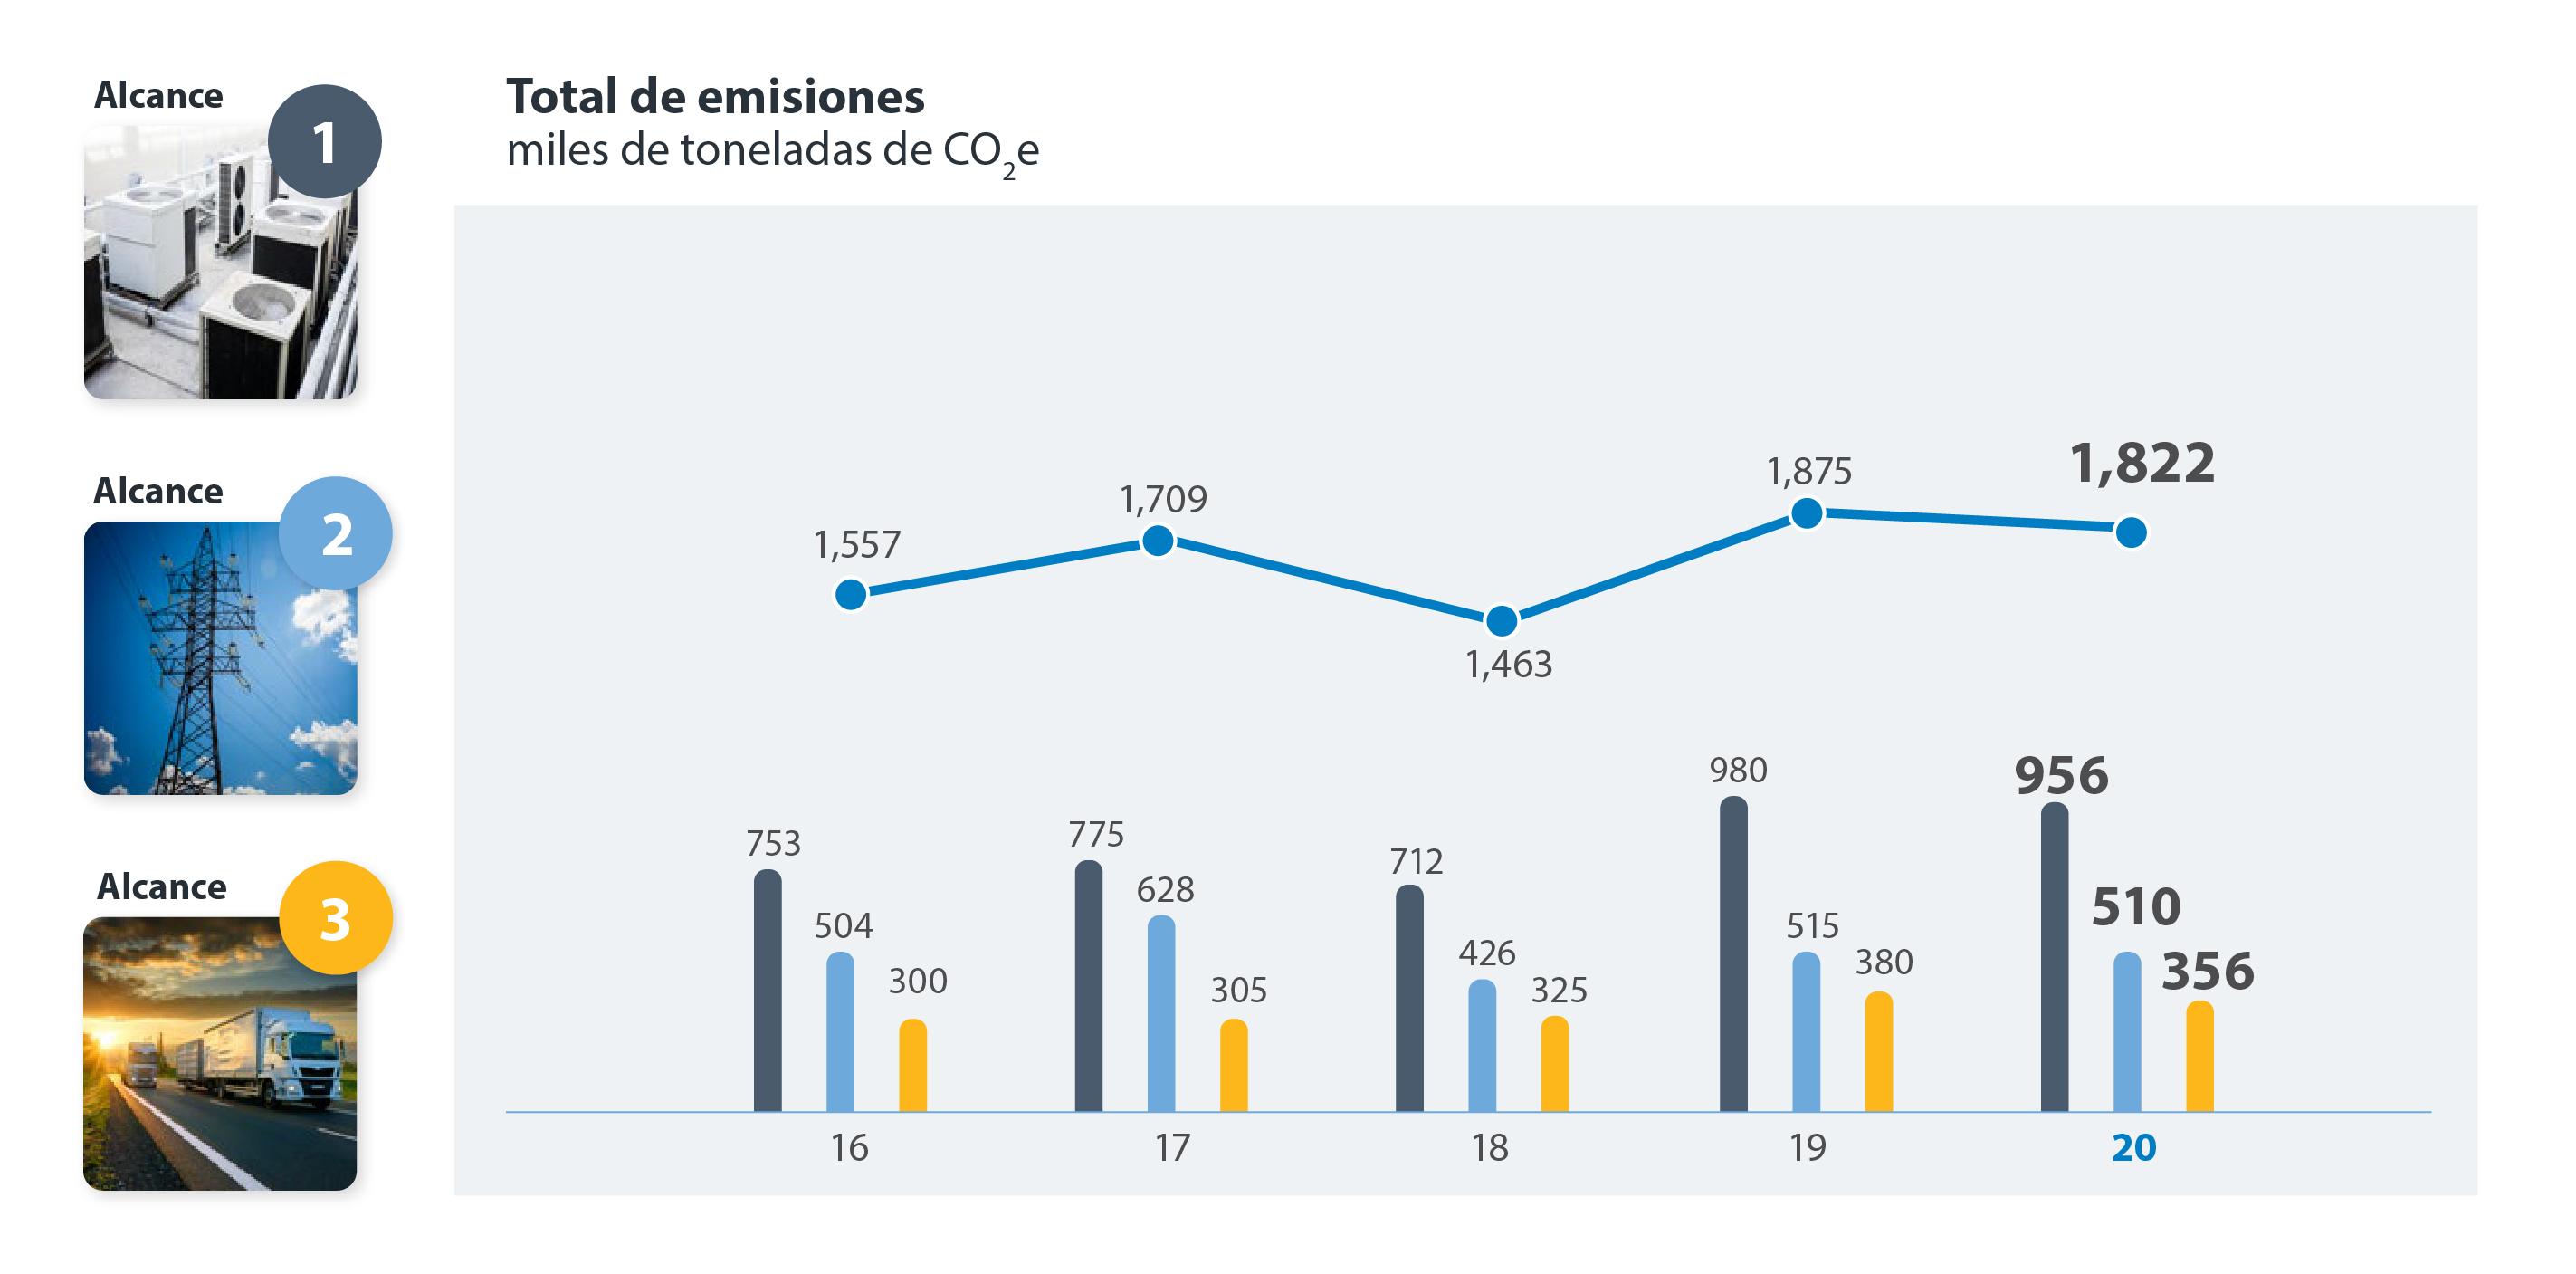 Total de emisiones ESG